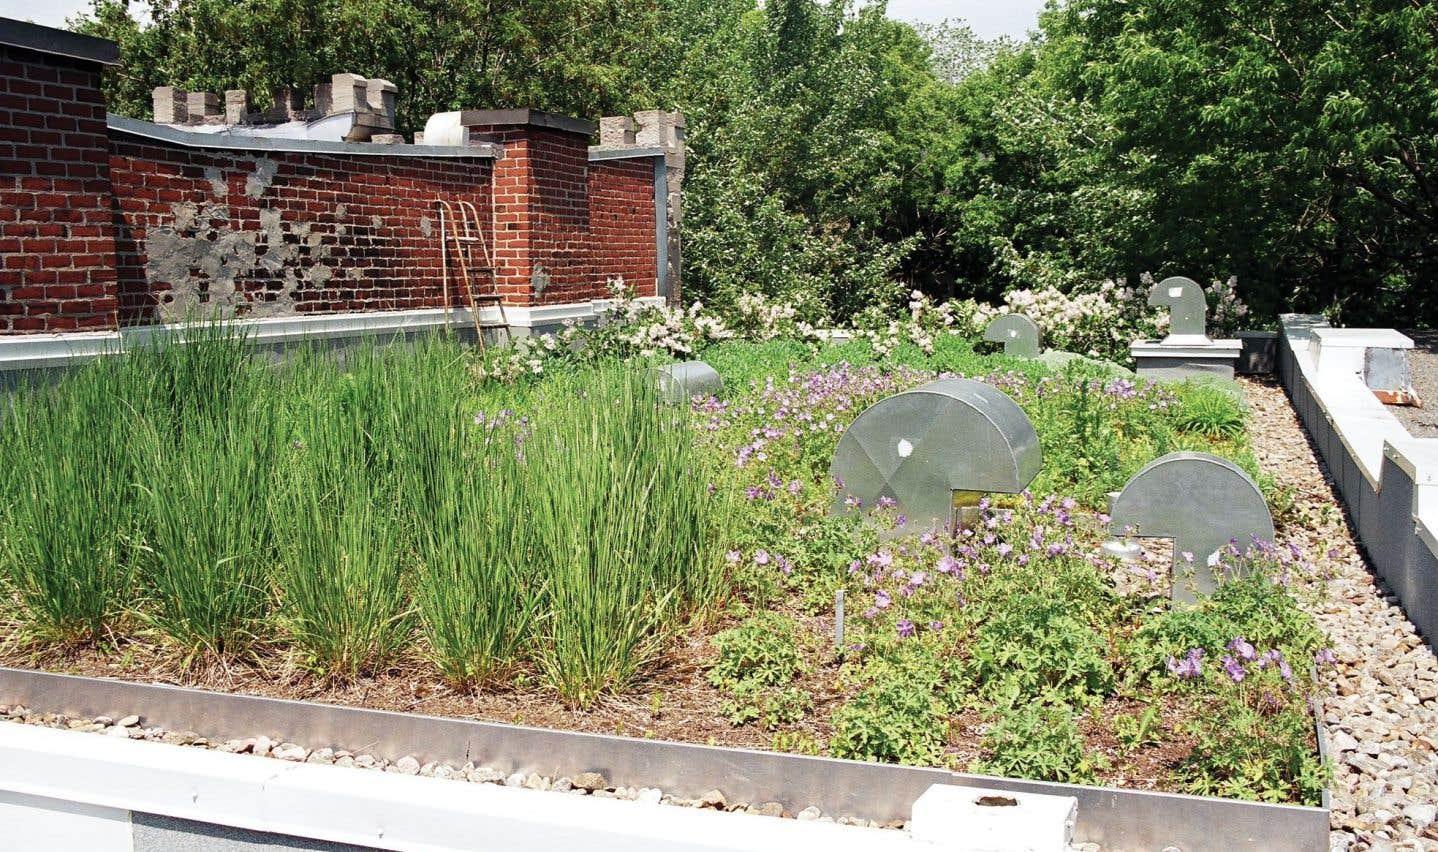 Pour les projets de 2000mètres carrés ou de six étages et plus, la Ville devrait exiger une superficie minimale de toiture végétalisée, comme le fait déjà Toronto.